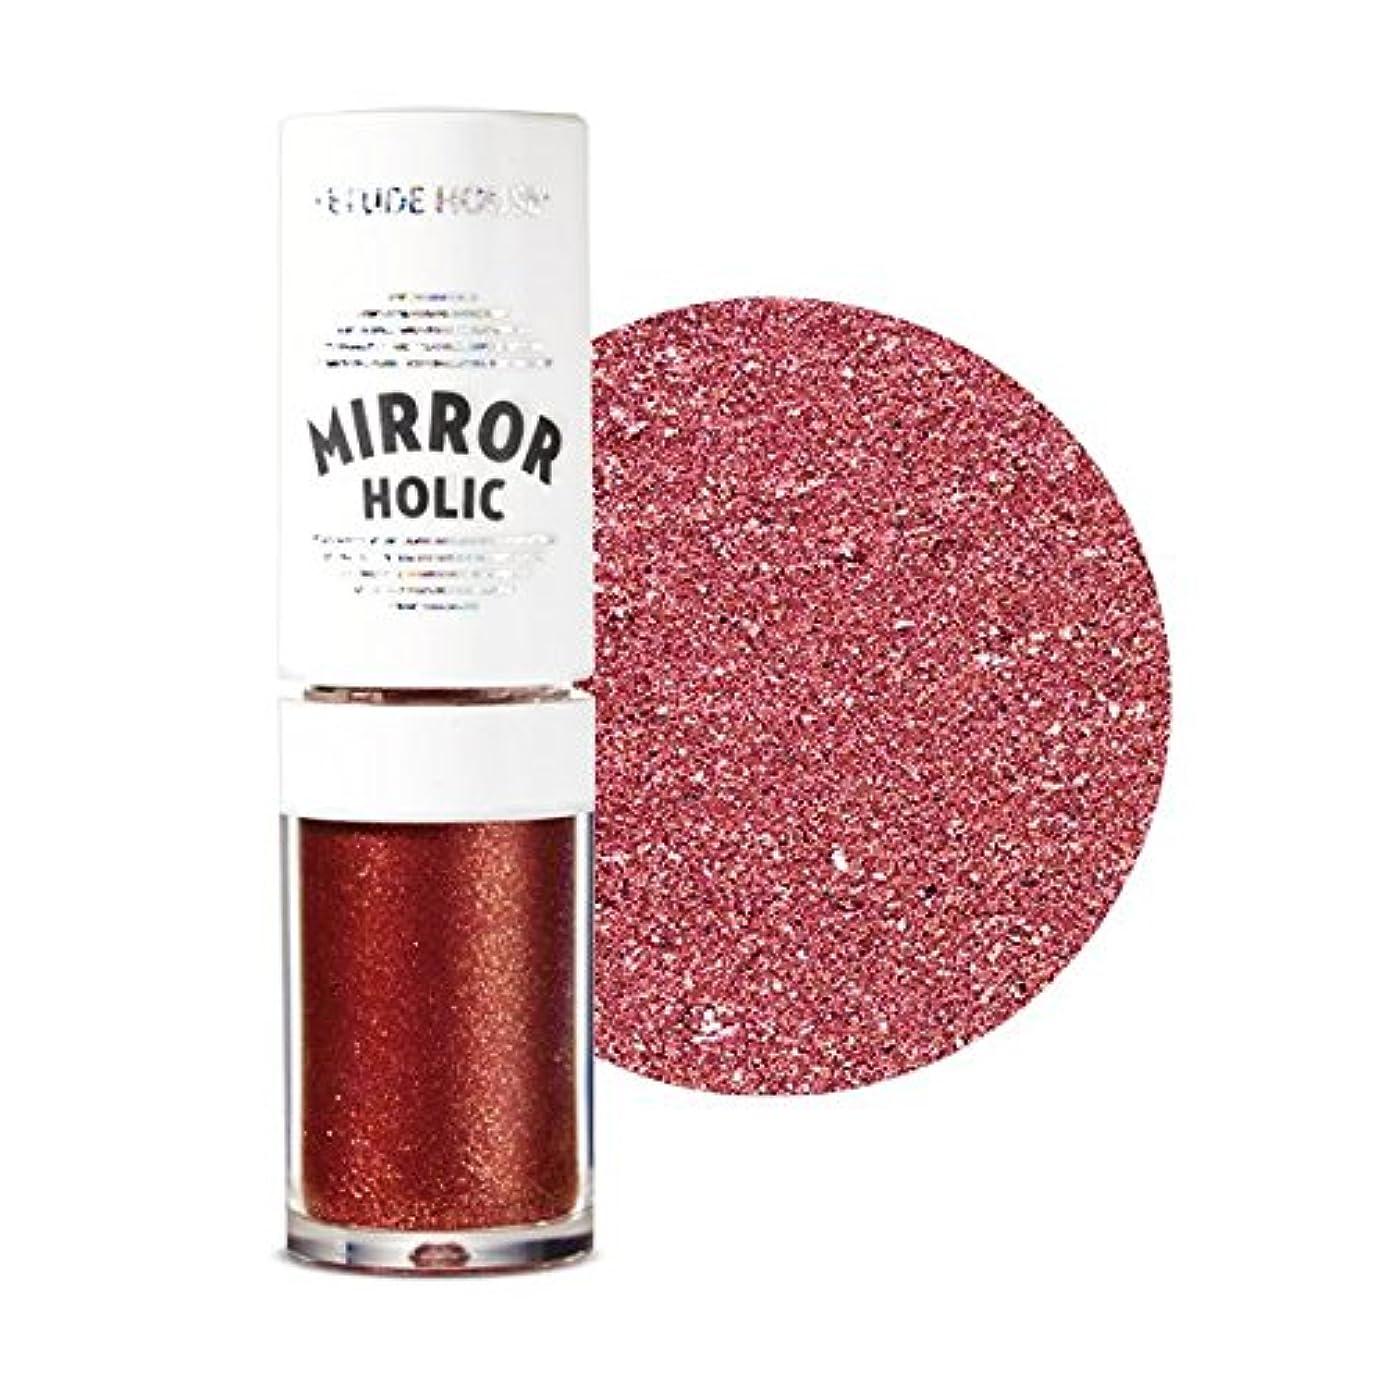 宇宙船実際に照らすETUDE HOUSE Mirror Holic Liquid Eyes / エチュードハウス ミラーホリックリキッドアイズ ミラーホリックリキッドアイズ (RD301) [並行輸入品]